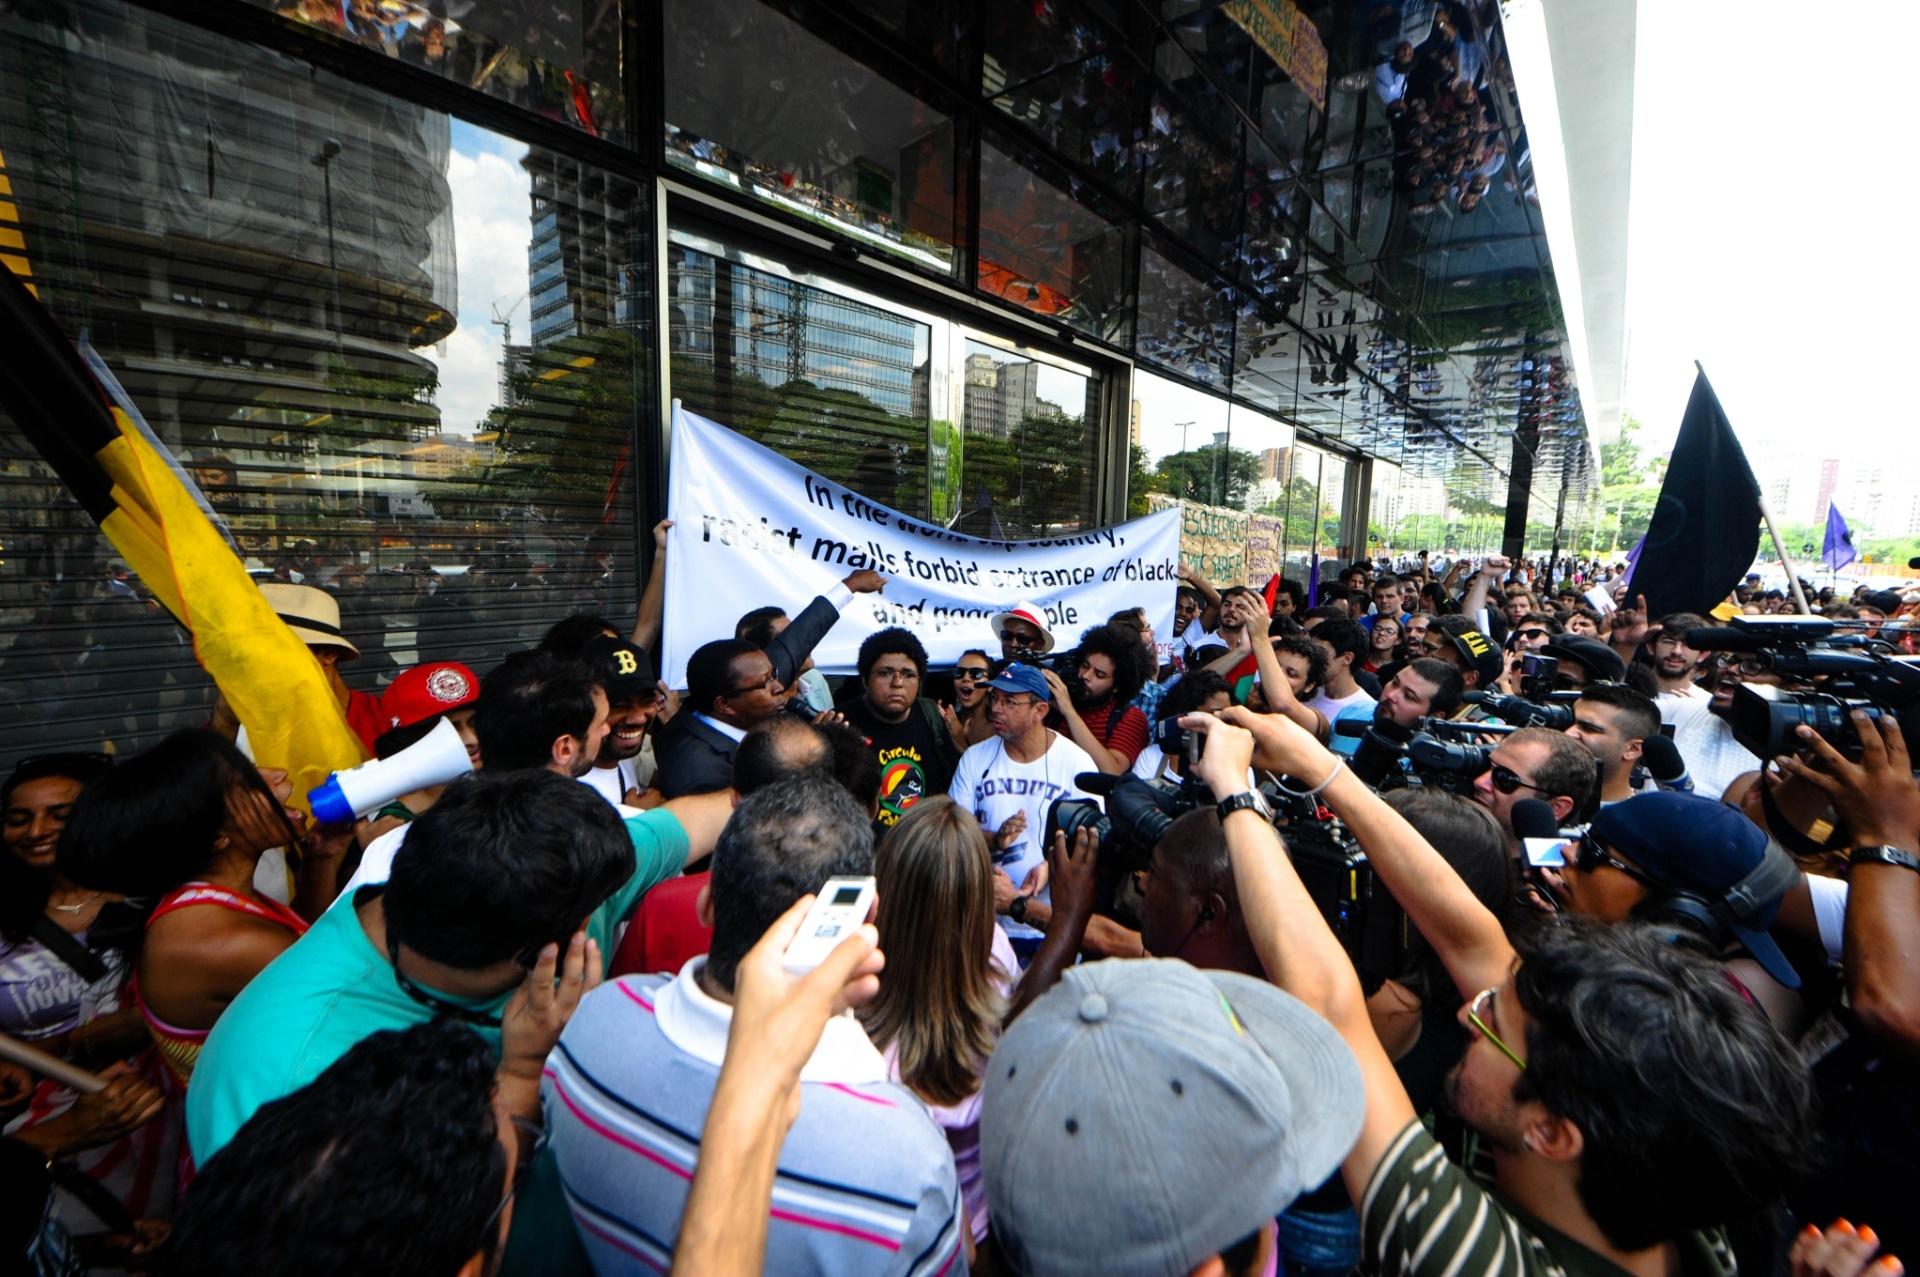 18.jan.2014 - Integrantes de movimentos sociais protestam em frente ao Shopping JK Iguatemi, na zona oeste de São Paulo neste sábado. O evento foi intitulado